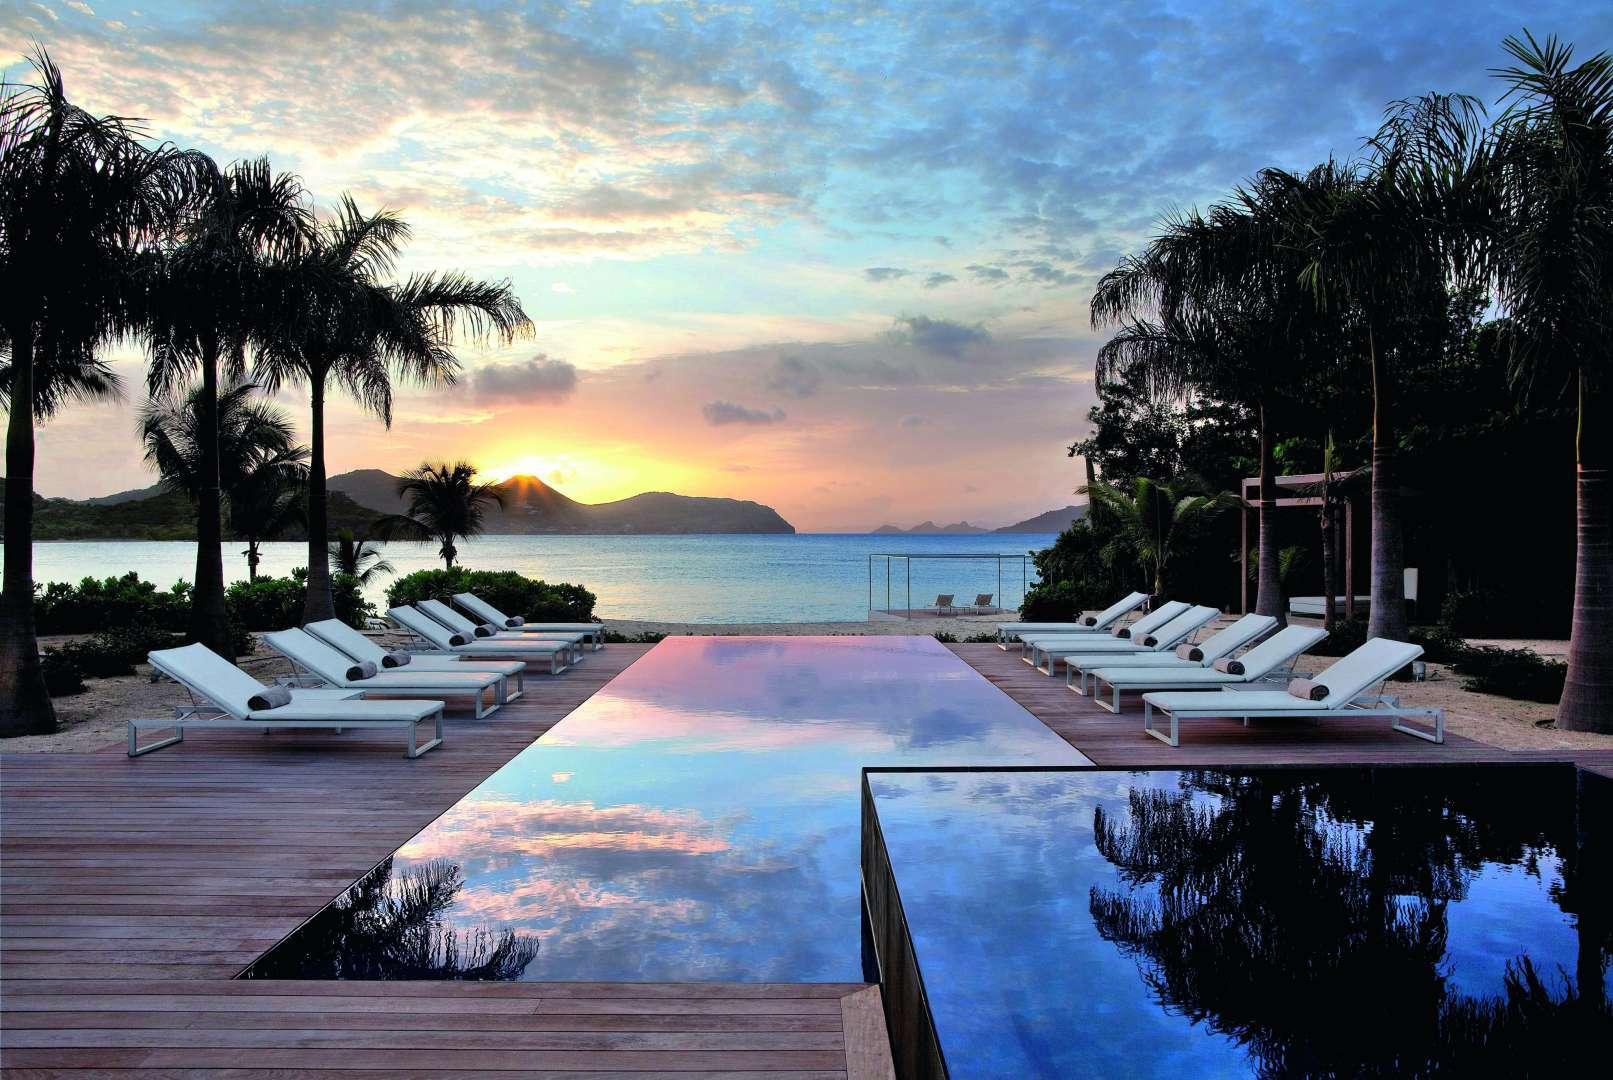 Saint-Barthélemy, immobilier de luxe, piscine à débordement, immobilier exceptionnel